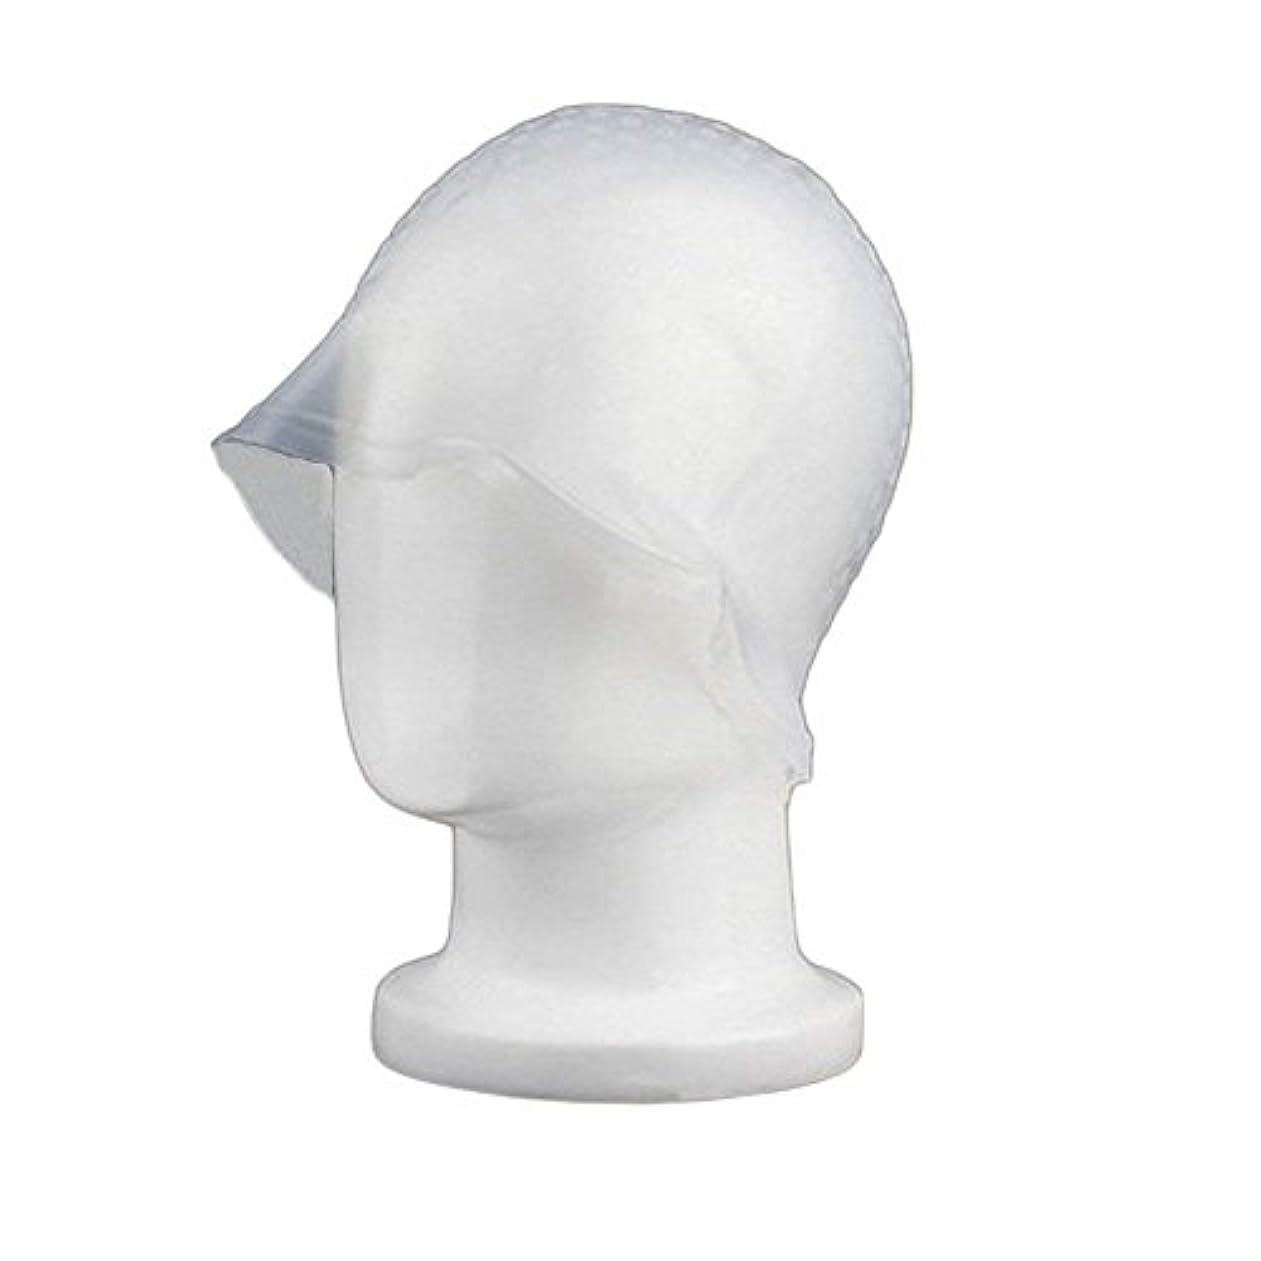 引退する分子スーパーマーケットSincerestore 洗って使える ヘアカラー 染め用 メッシュ 用 シリコン ヘア キャップキャップ (ホワイト)